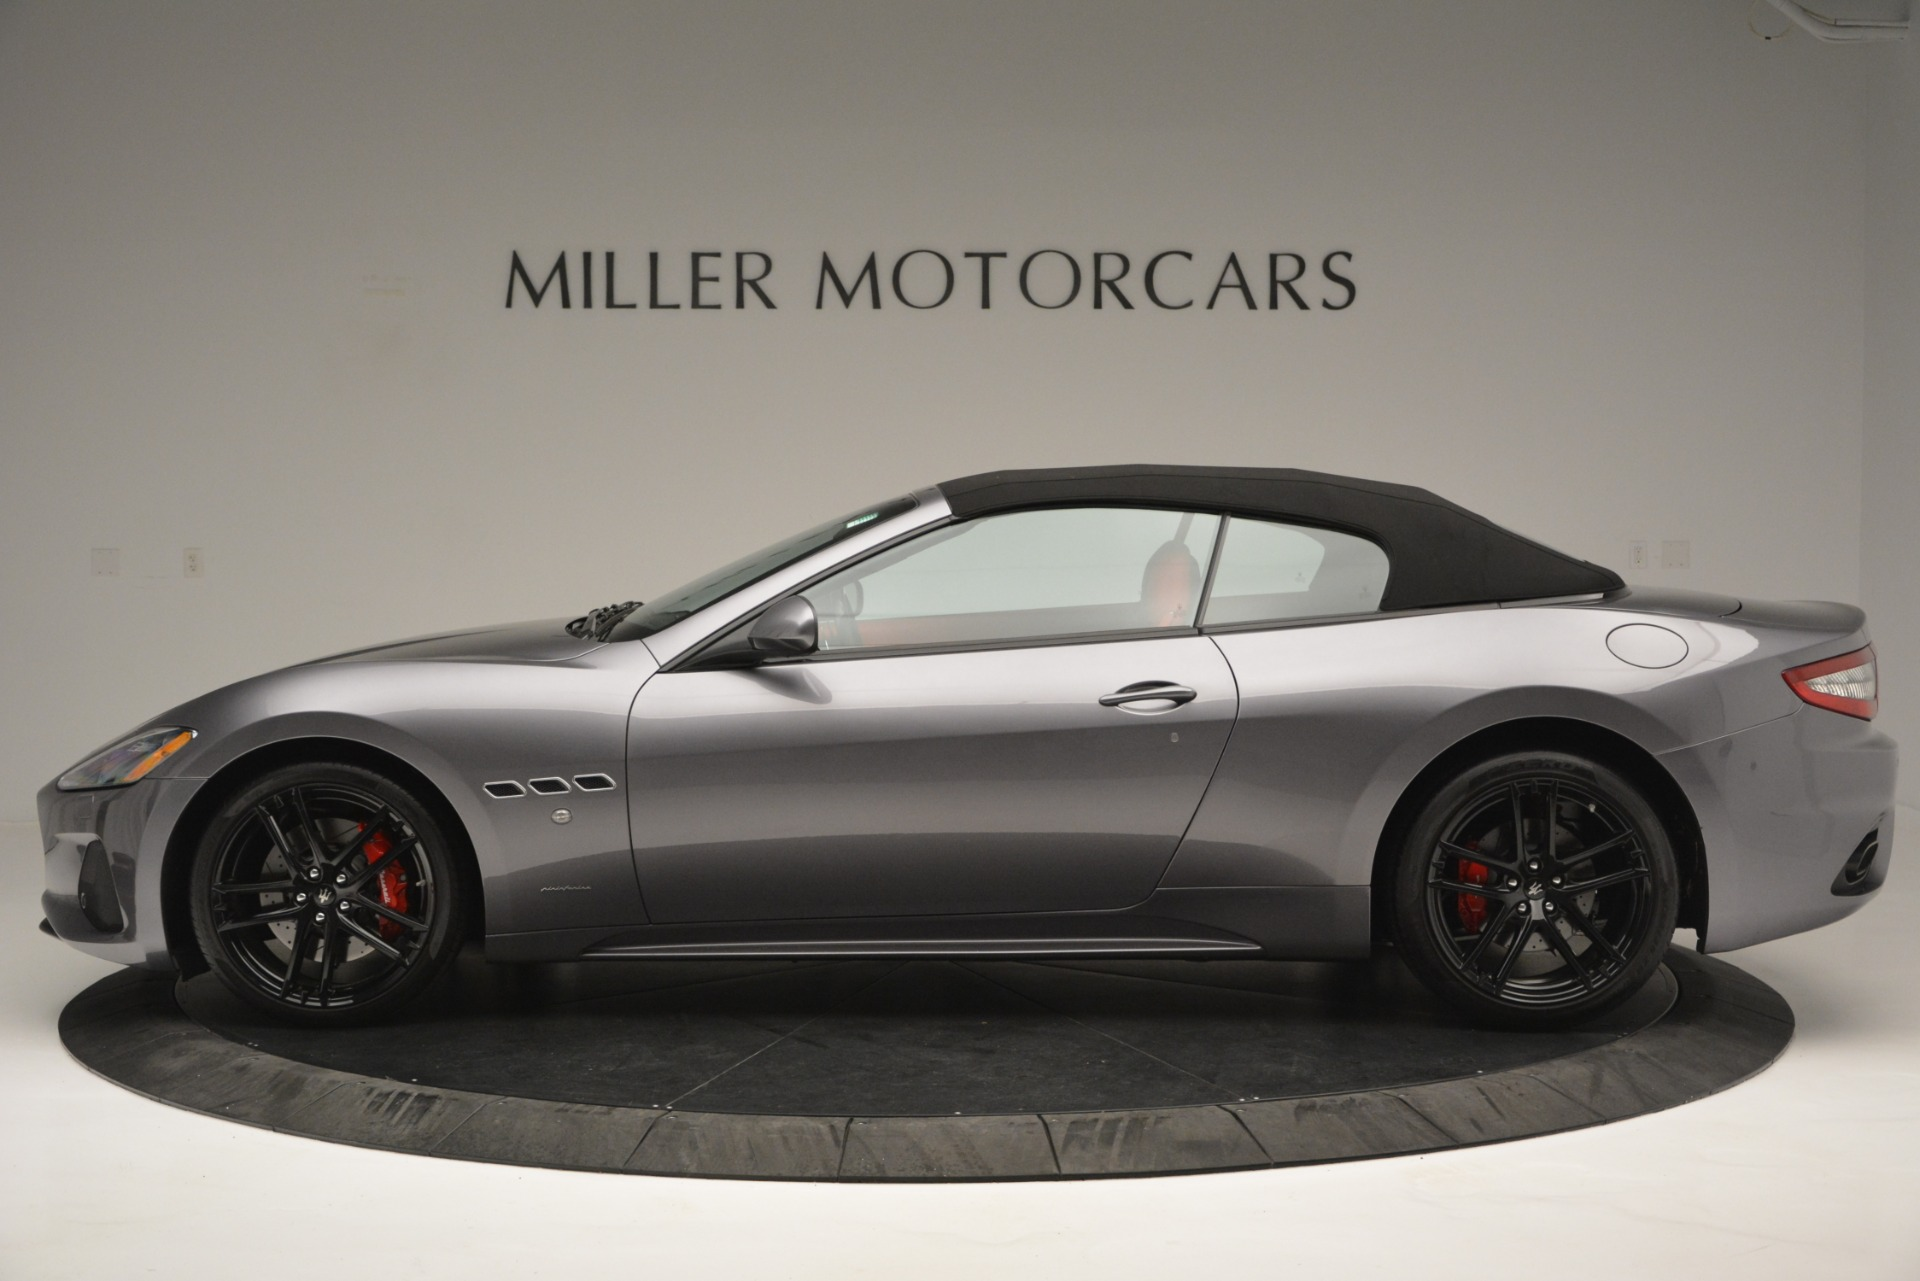 Used 2018 Maserati GranTurismo Sport For Sale 117900 In Greenwich, CT